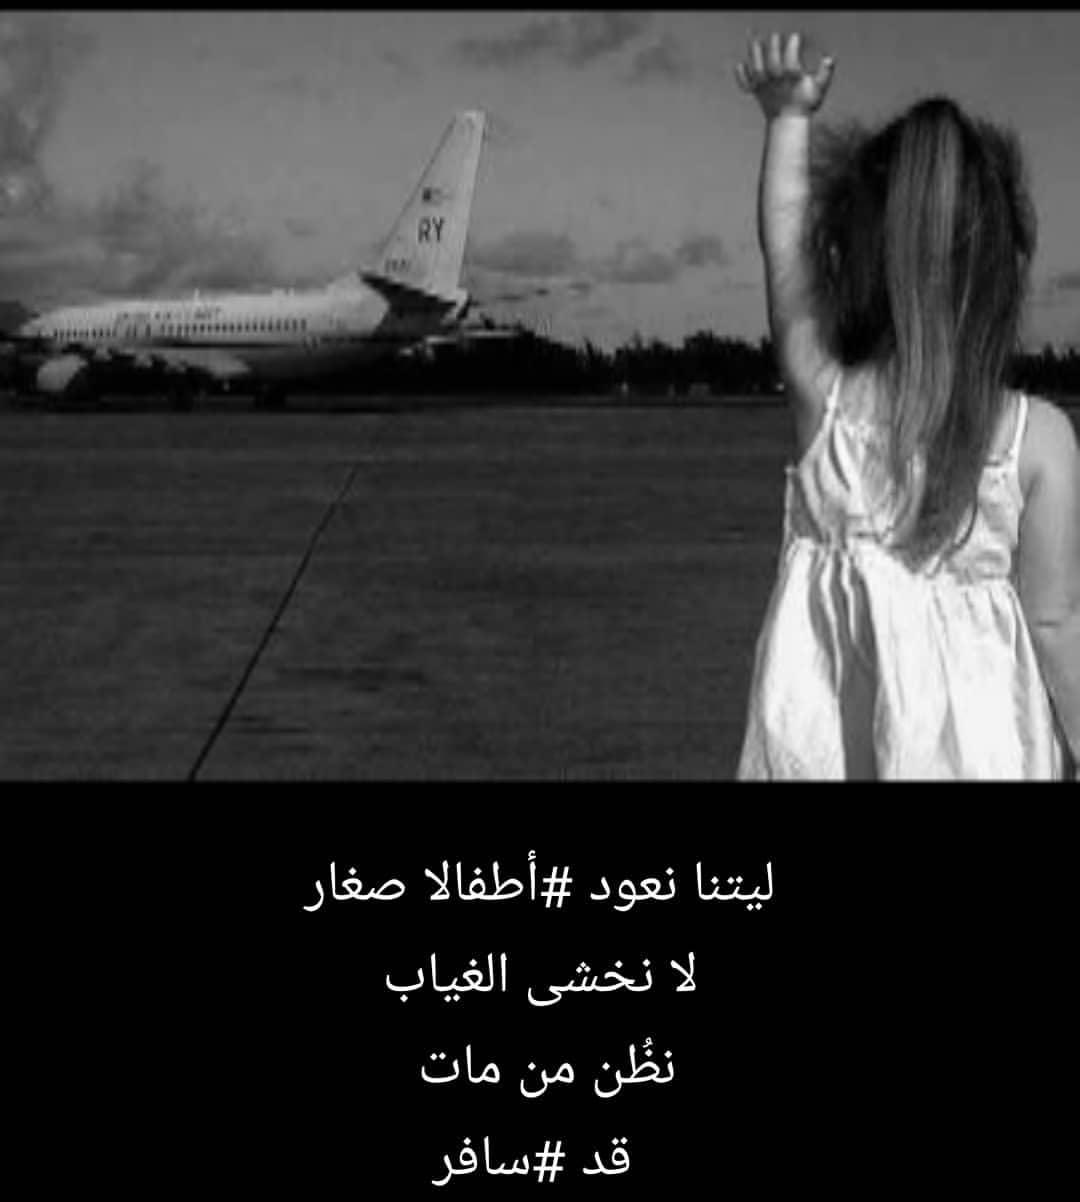 بالصور كلمات وداع حزينه , صور حزينة عن الفراق والوداع 4525 6